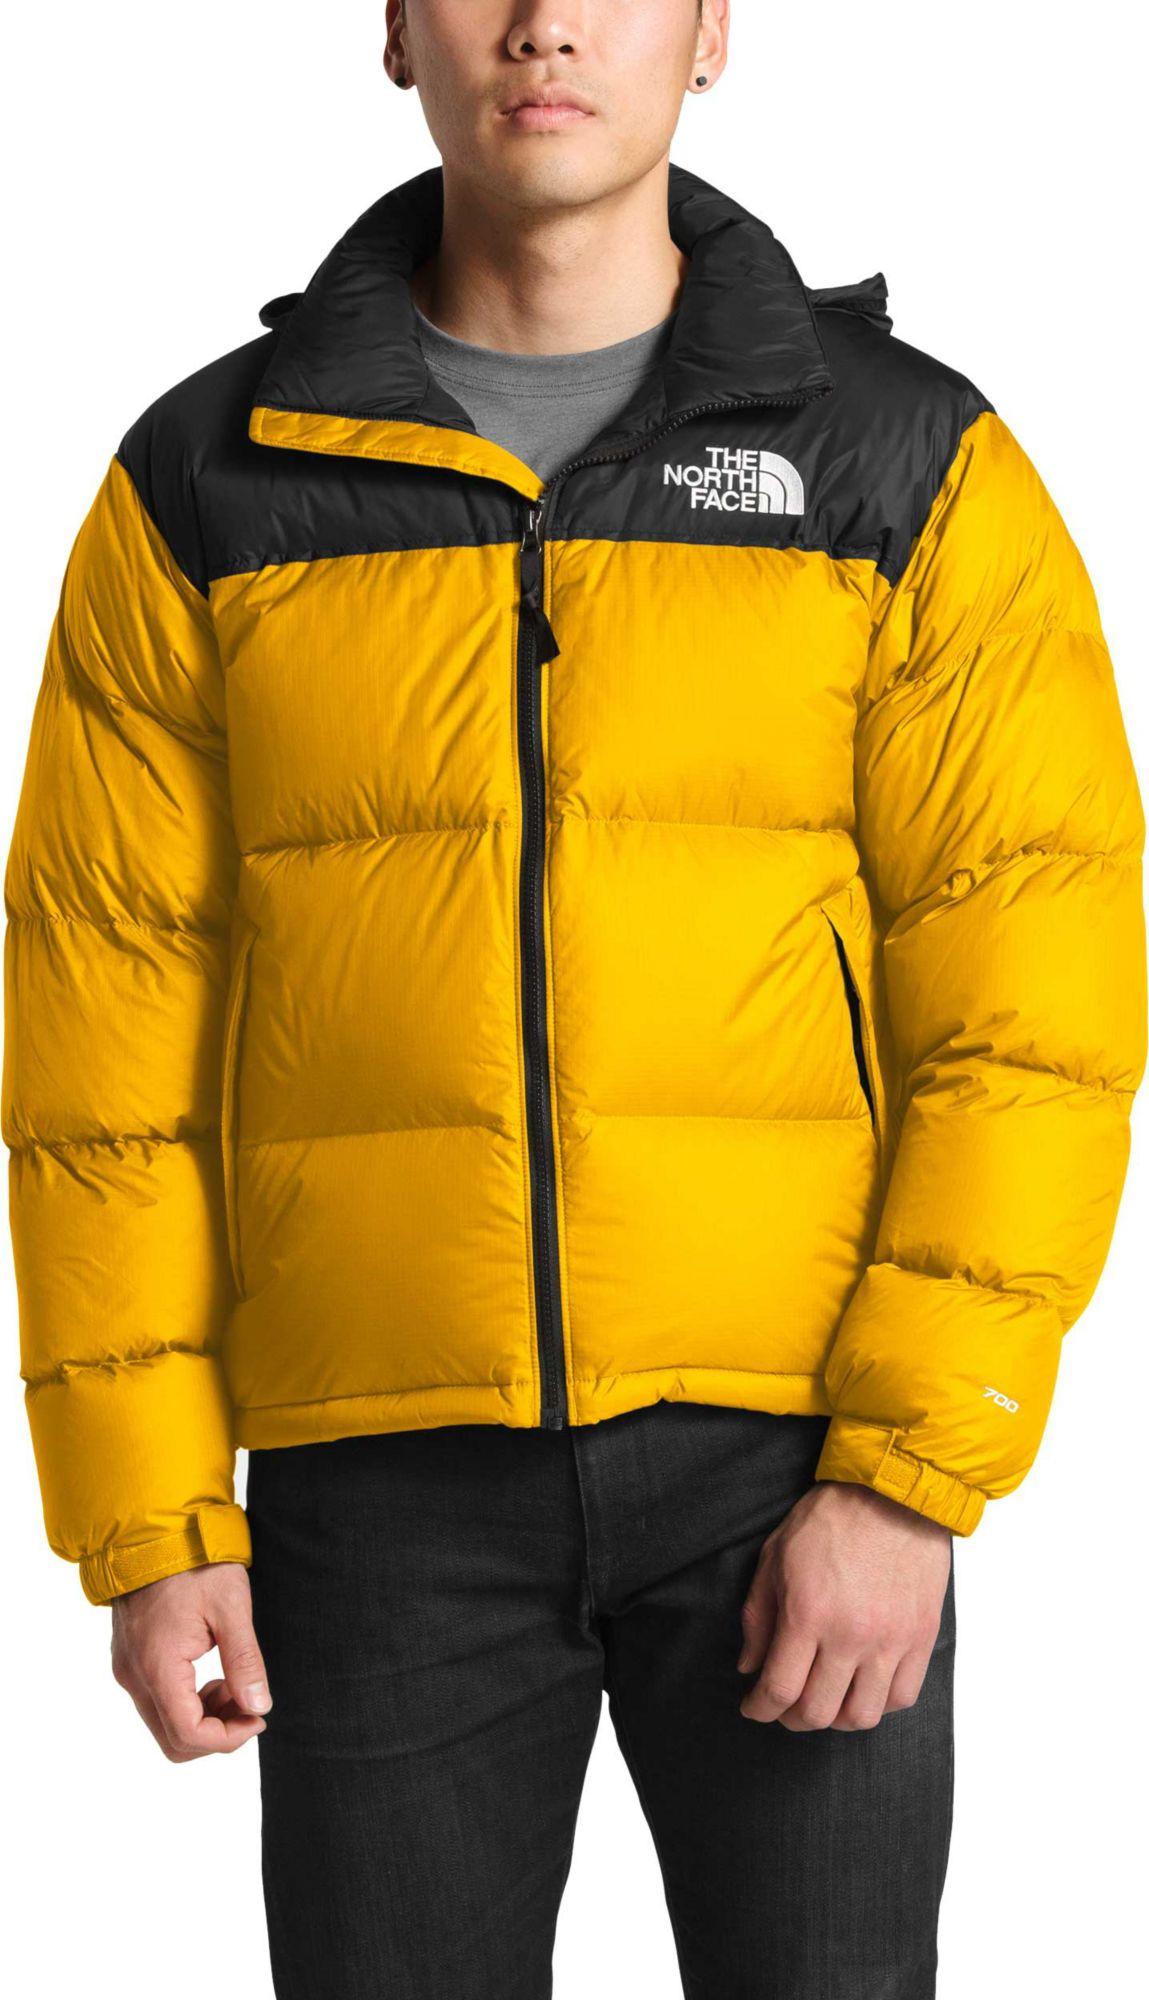 66f8e6f97032 The North Face Men s 1996 Retro Nuptse Jacket in 2019